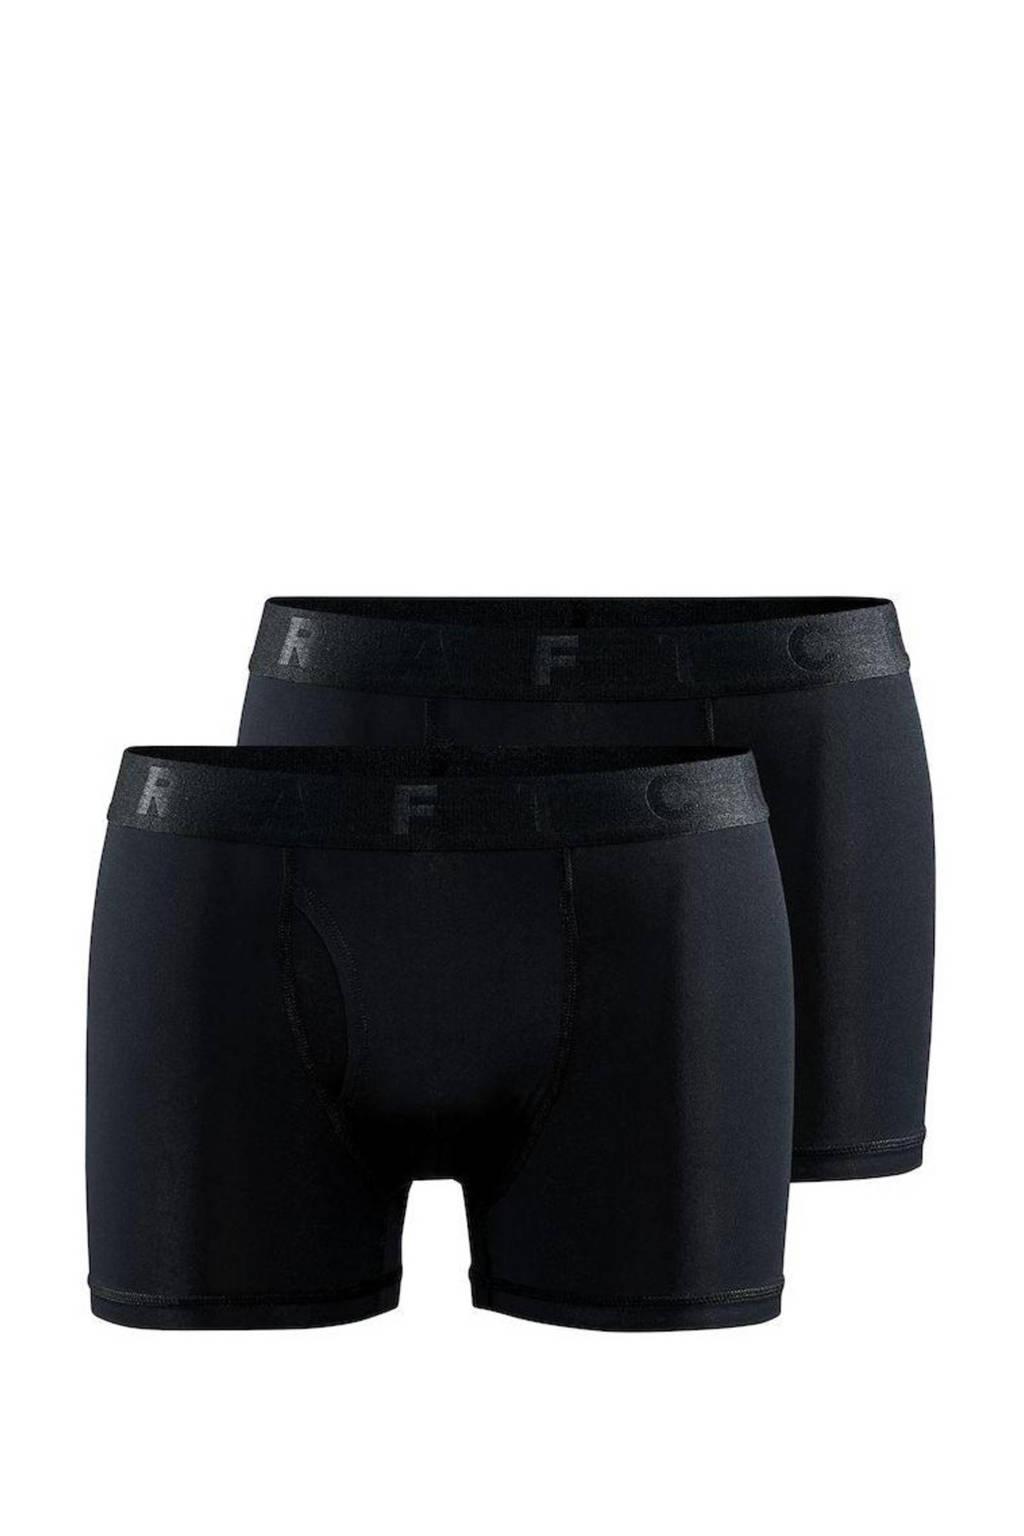 Craft sportboxer Core Dry 3 inch zwart (set van 2), Zwart